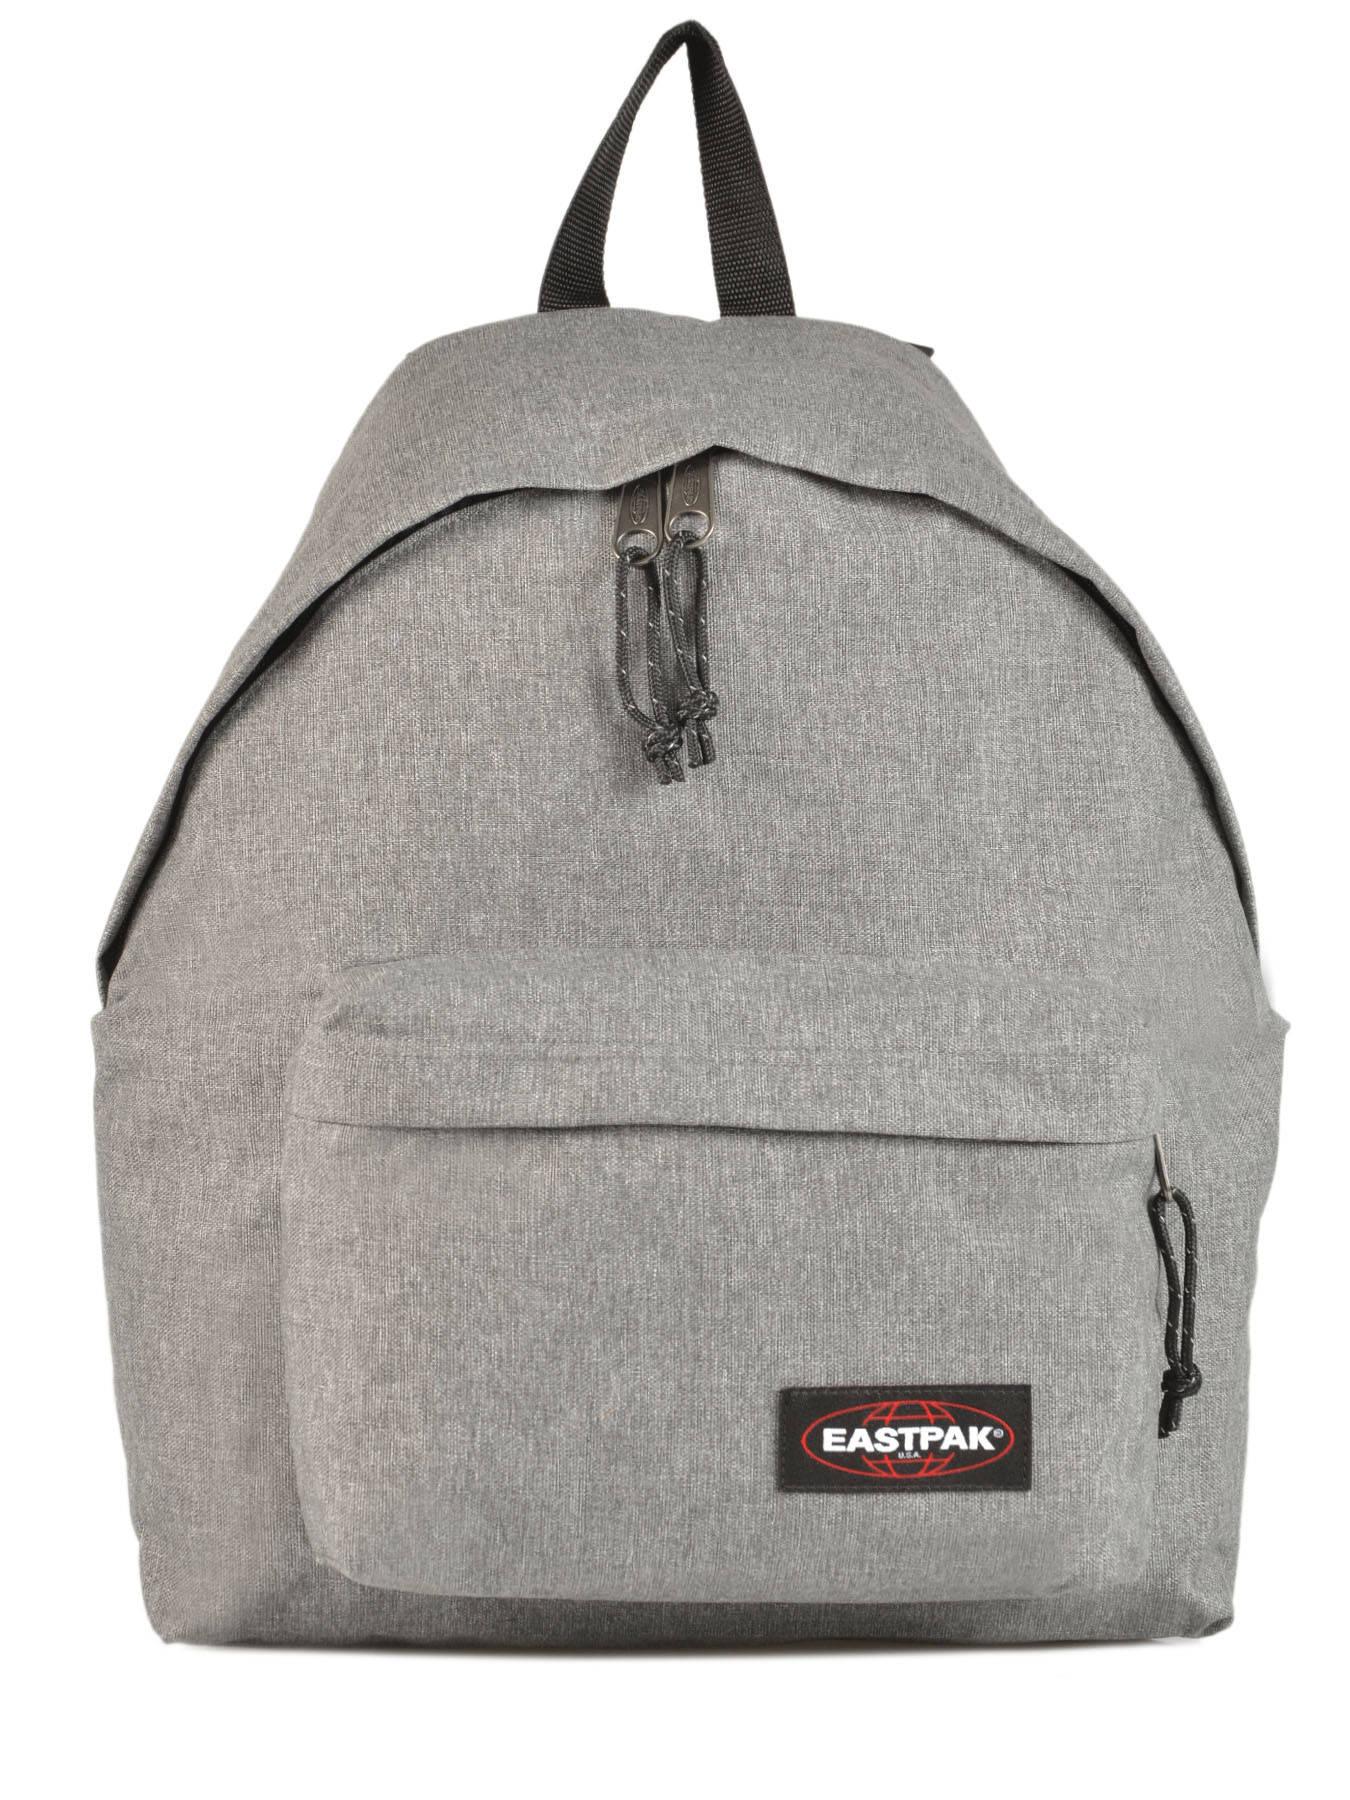 eastpak sac a dos gris